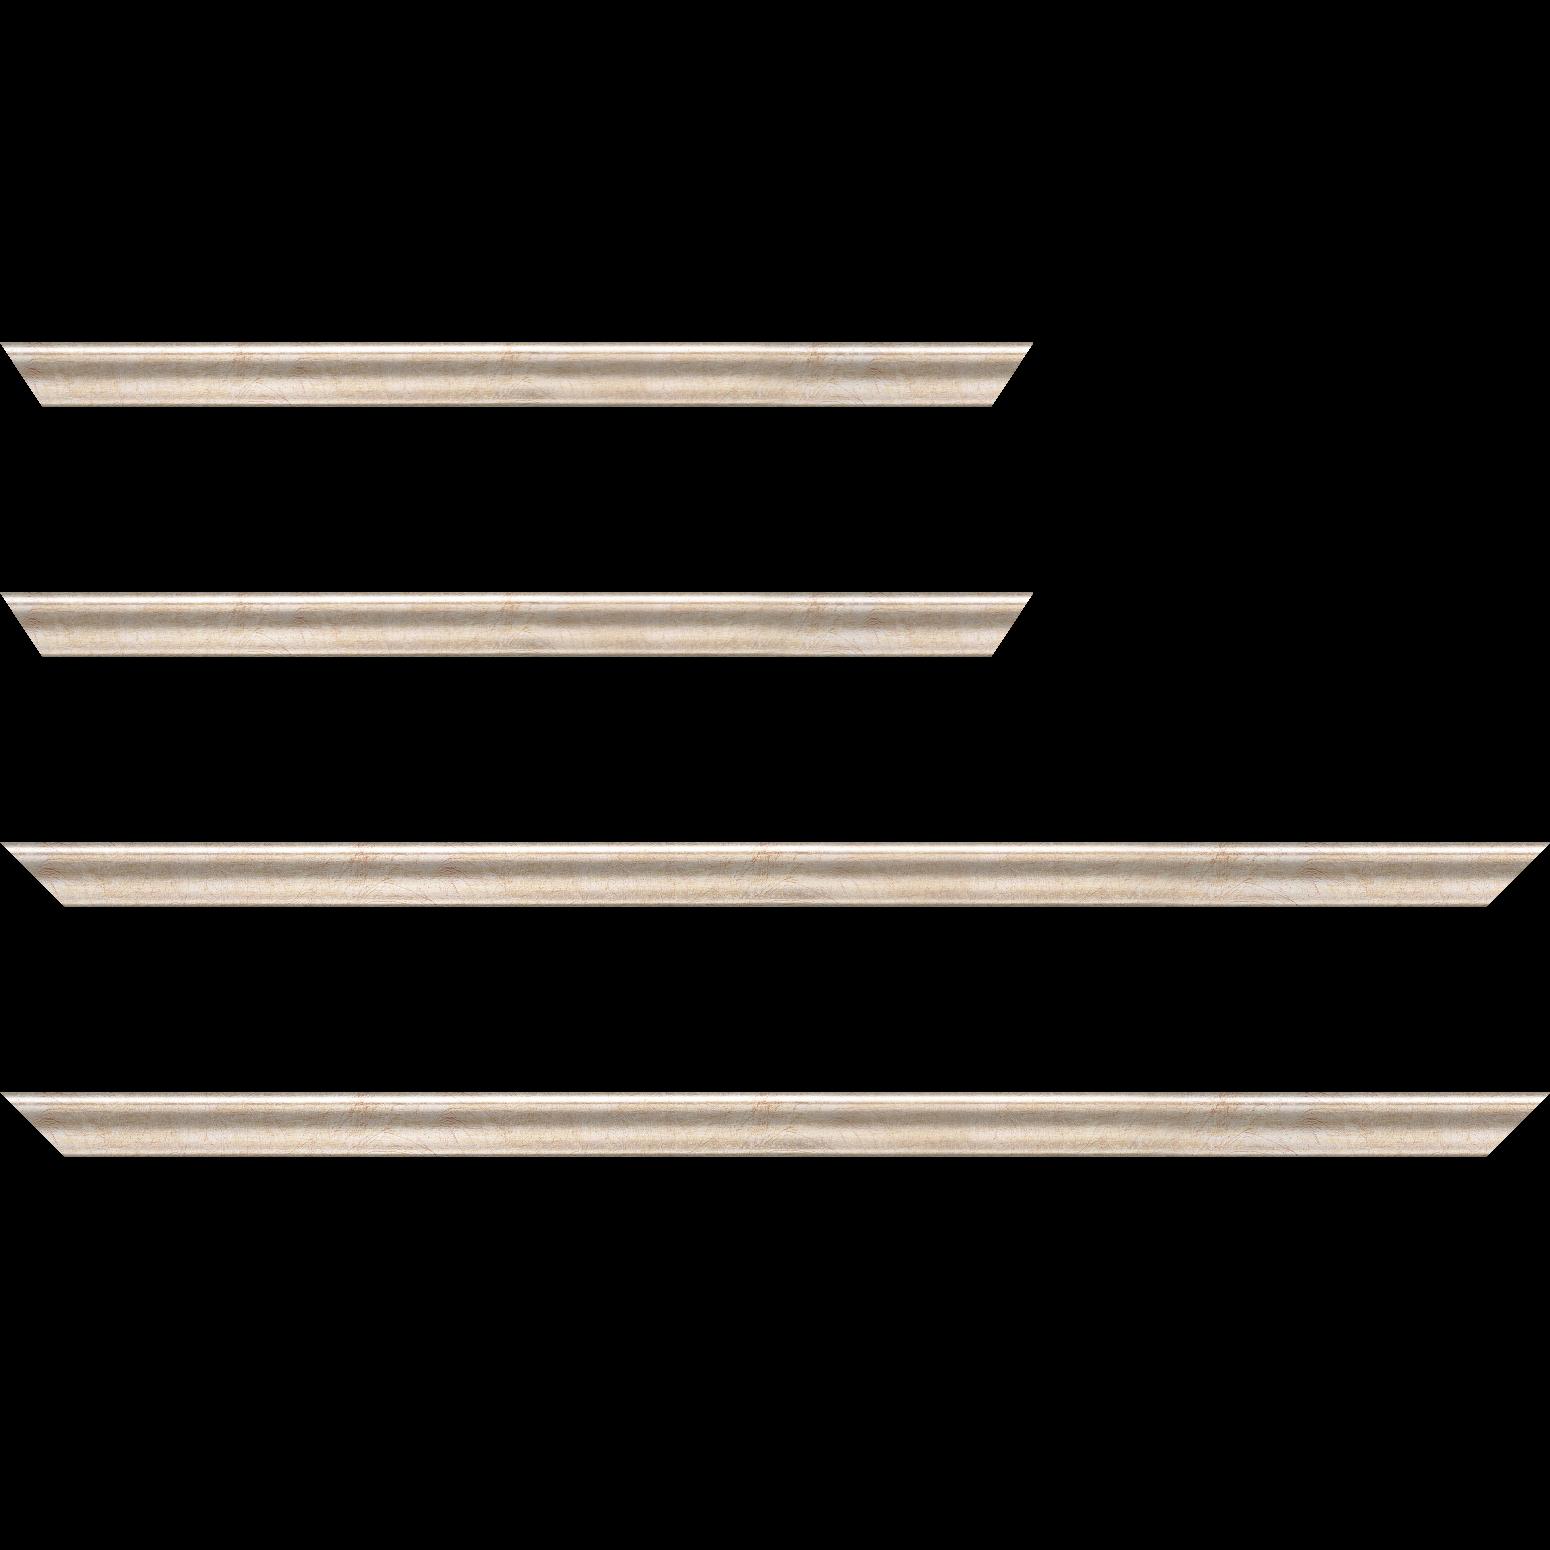 Baguette service précoupé Bois profil incuvé largeur 2.1cm argent chaud satiné